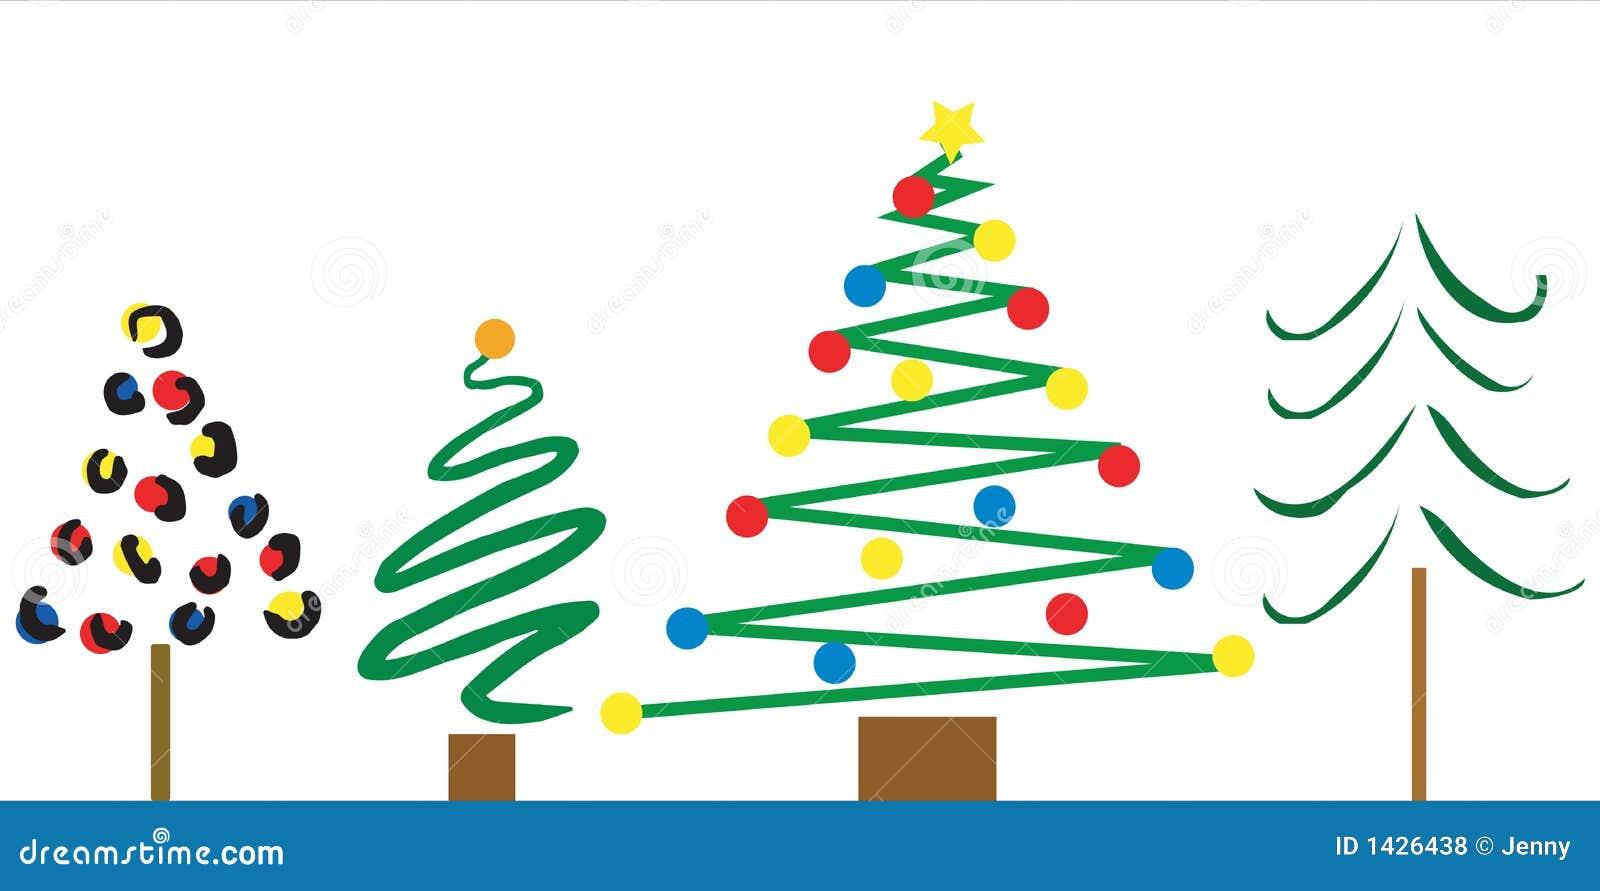 Dise os del rbol de navidad ilustraci n del vector - Arbol navidad diseno ...